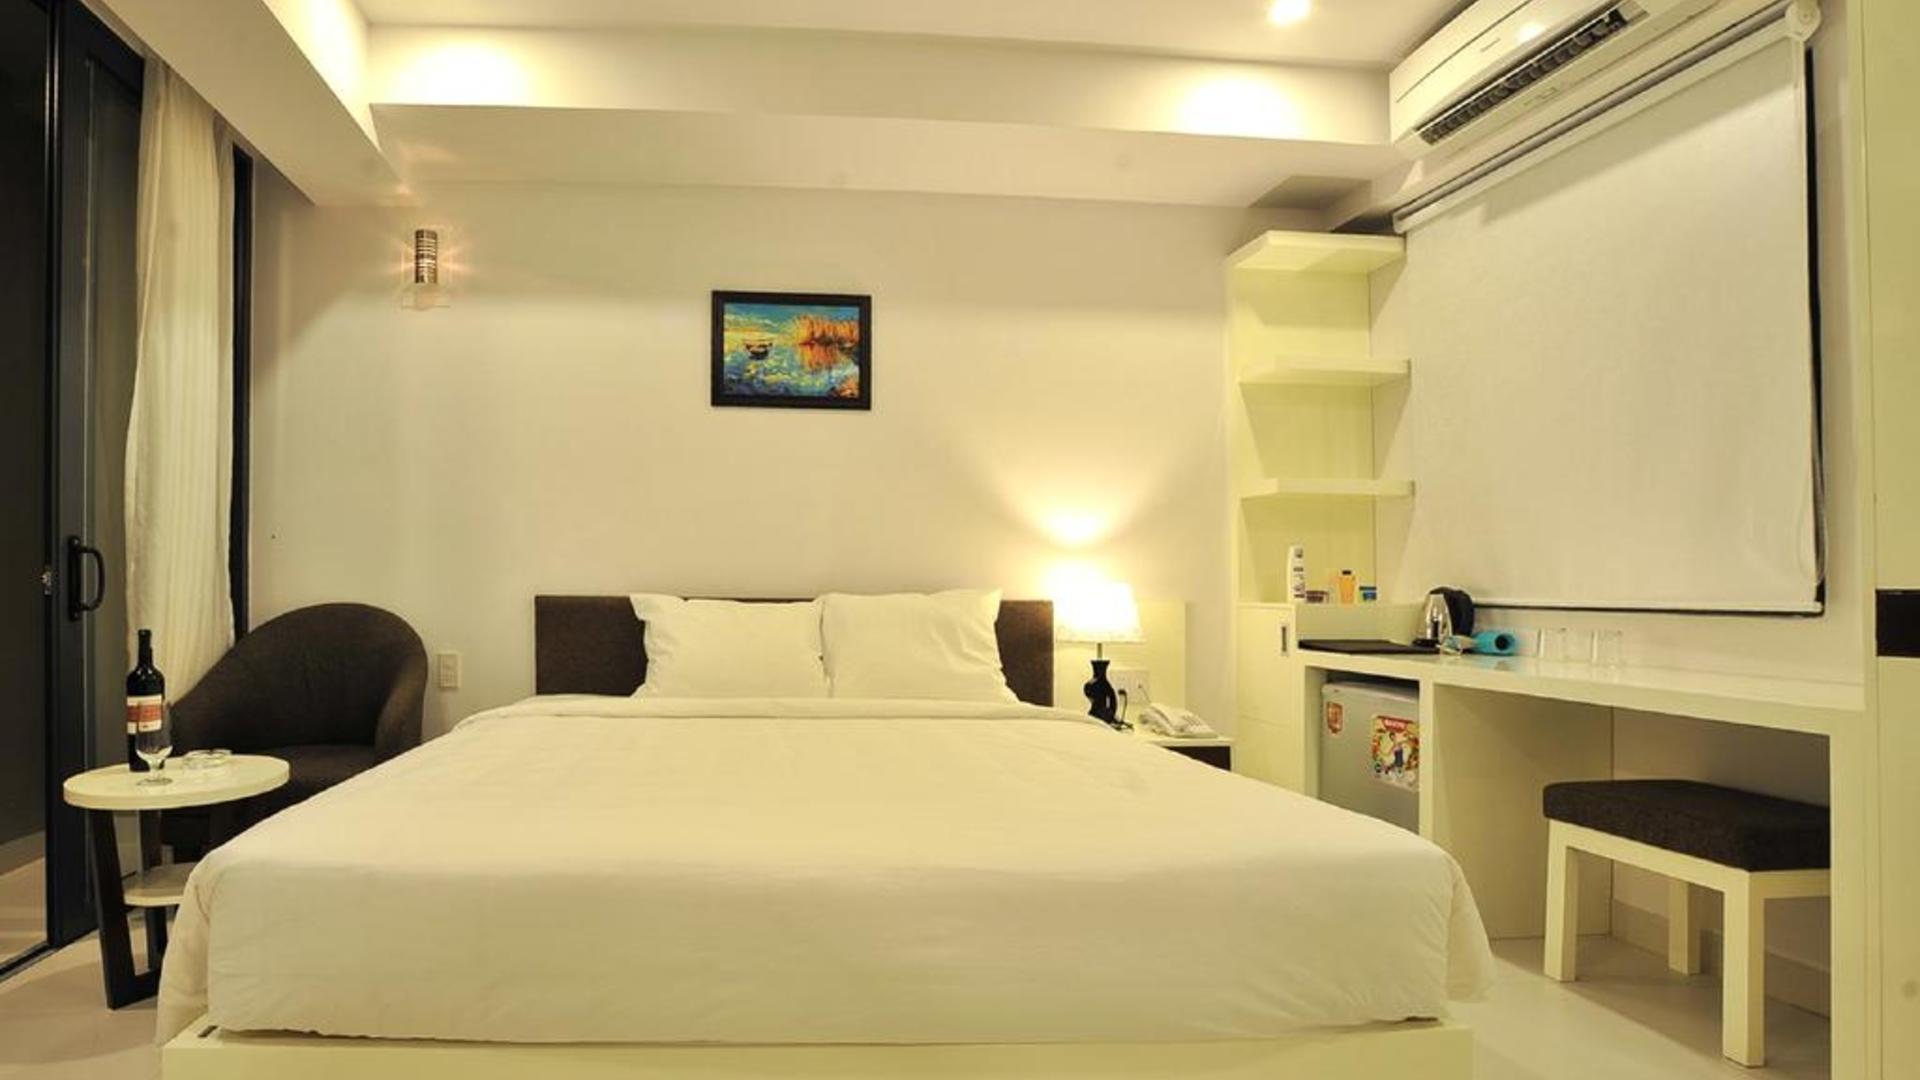 отель софия вьетнам нячанг фото и отзывы